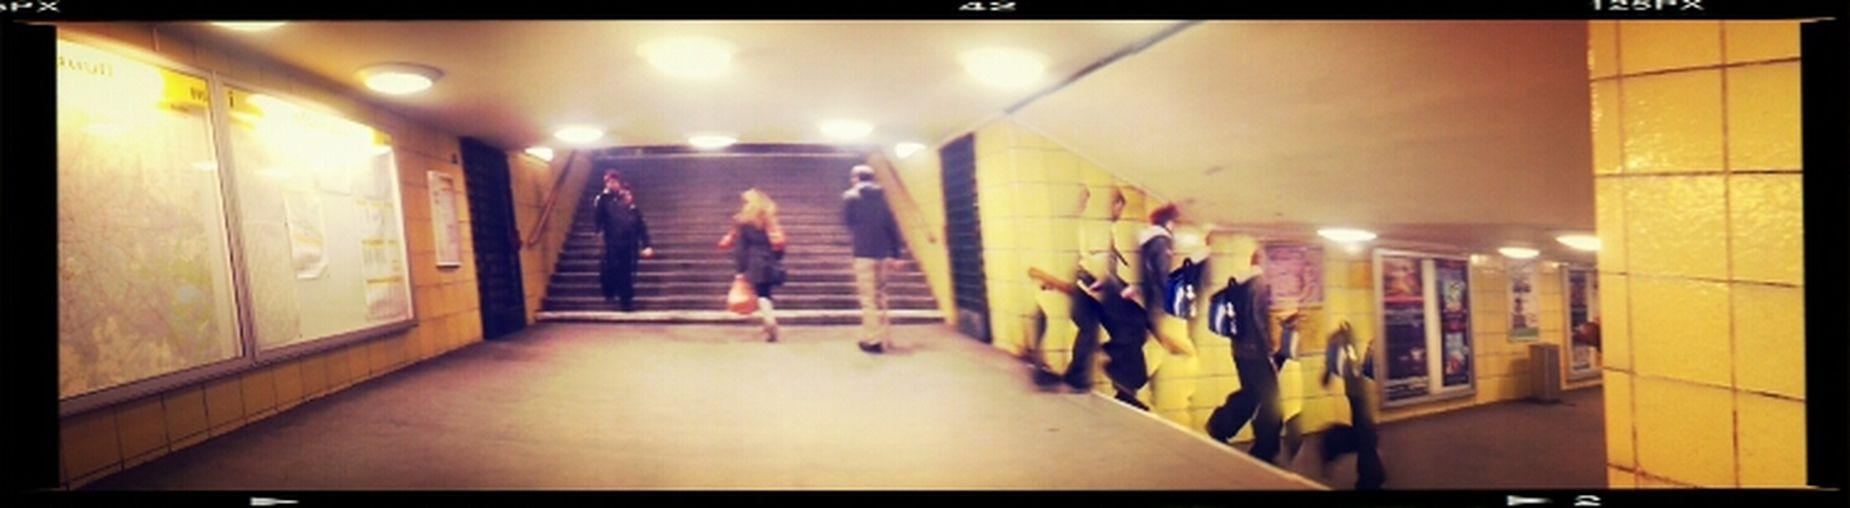 Subway Station Wanderlust Diveeverydaylife